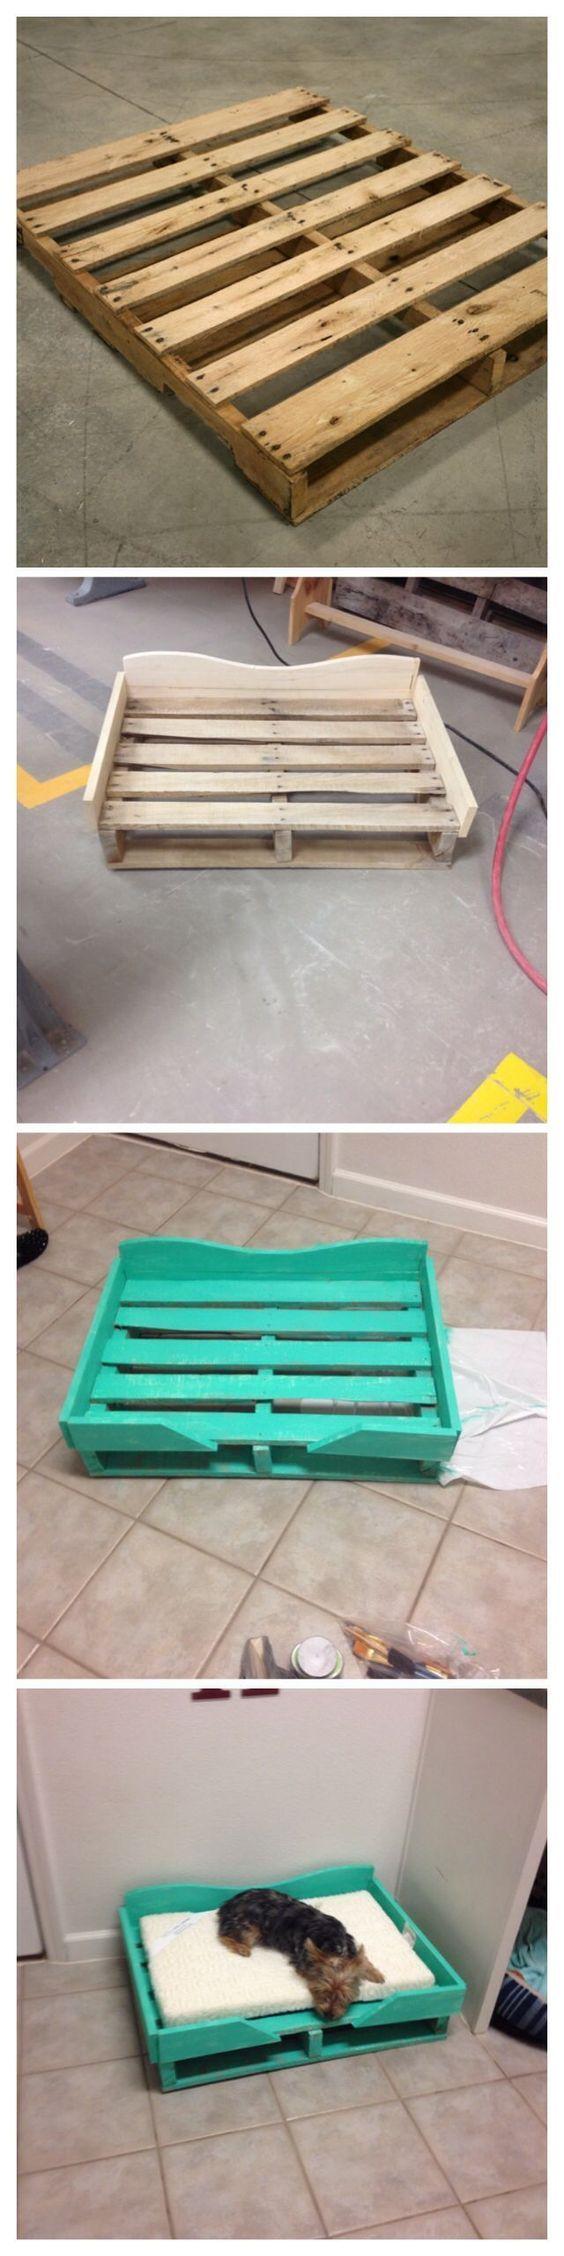 Large pallet bed made of pallets - Diy Pallet Dog Bed